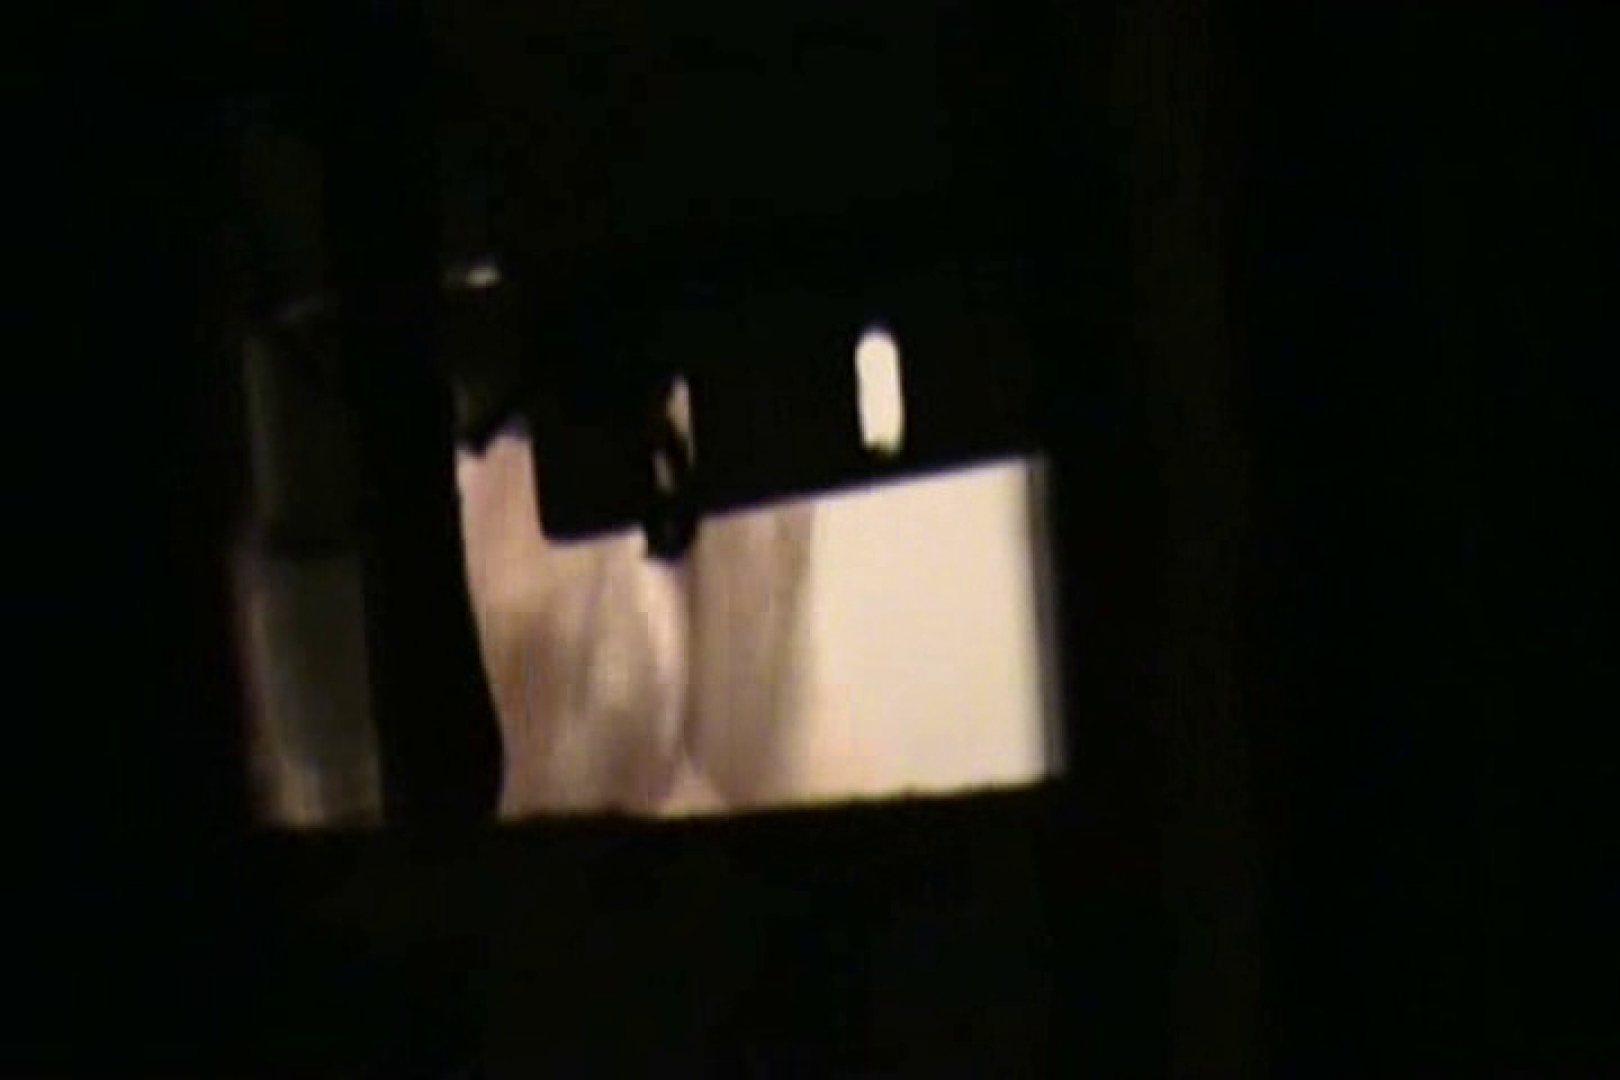 ぼっとん洗面所スペシャルVol.3 おまんこ無修正 盗撮アダルト動画キャプチャ 92pic 11